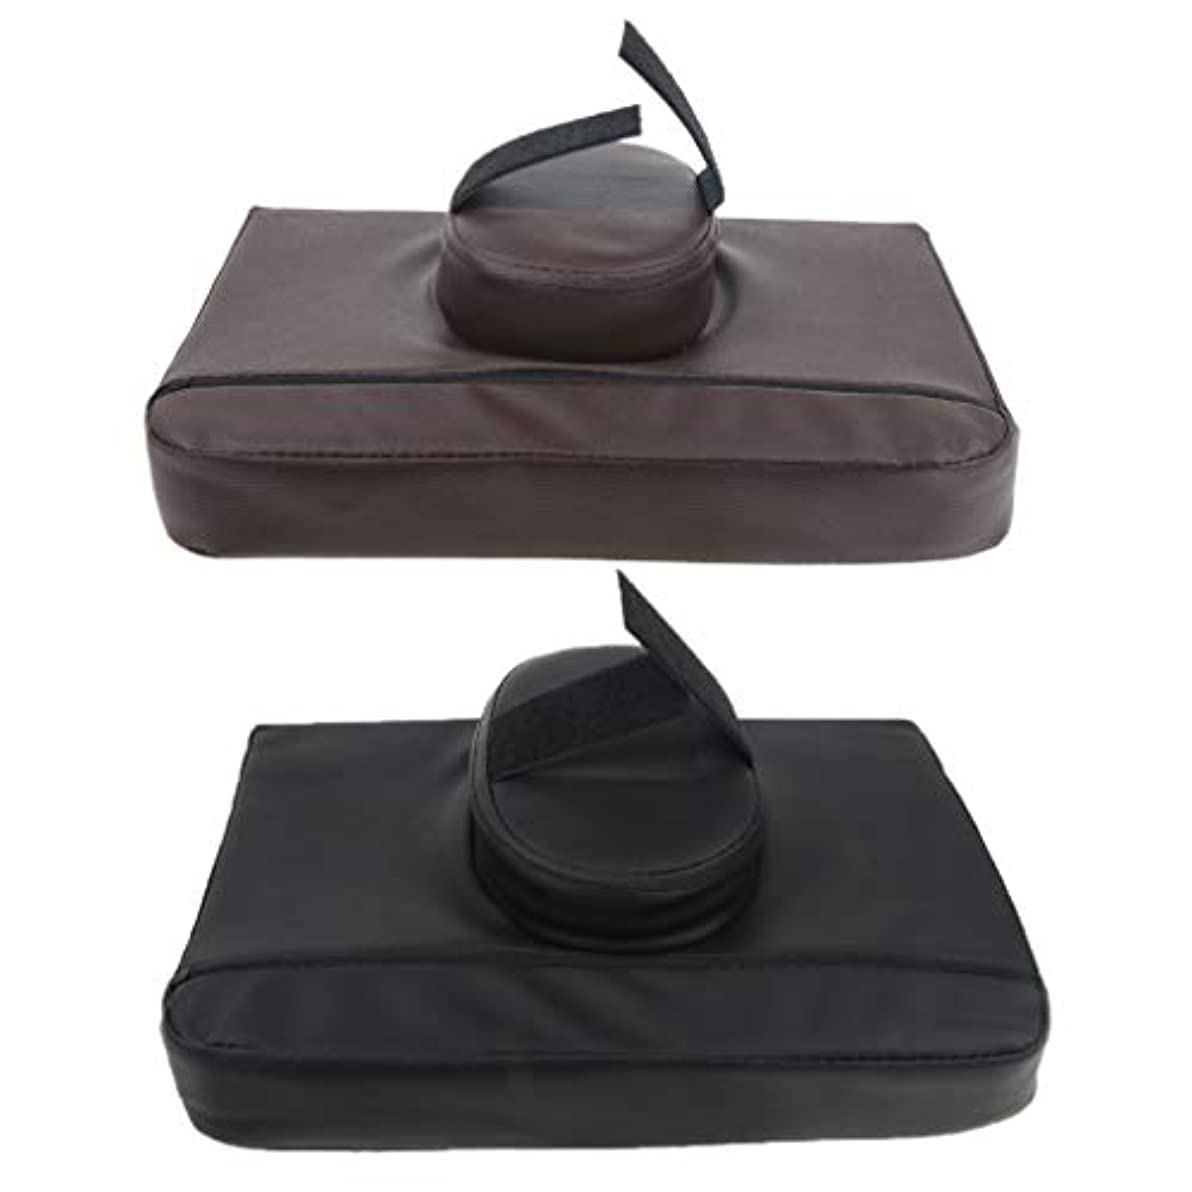 スペード移民ストリップマッサージ枕 マッサージピロー スクエア マッサージテーブル用クッション 通気性 快適 実用的 2個